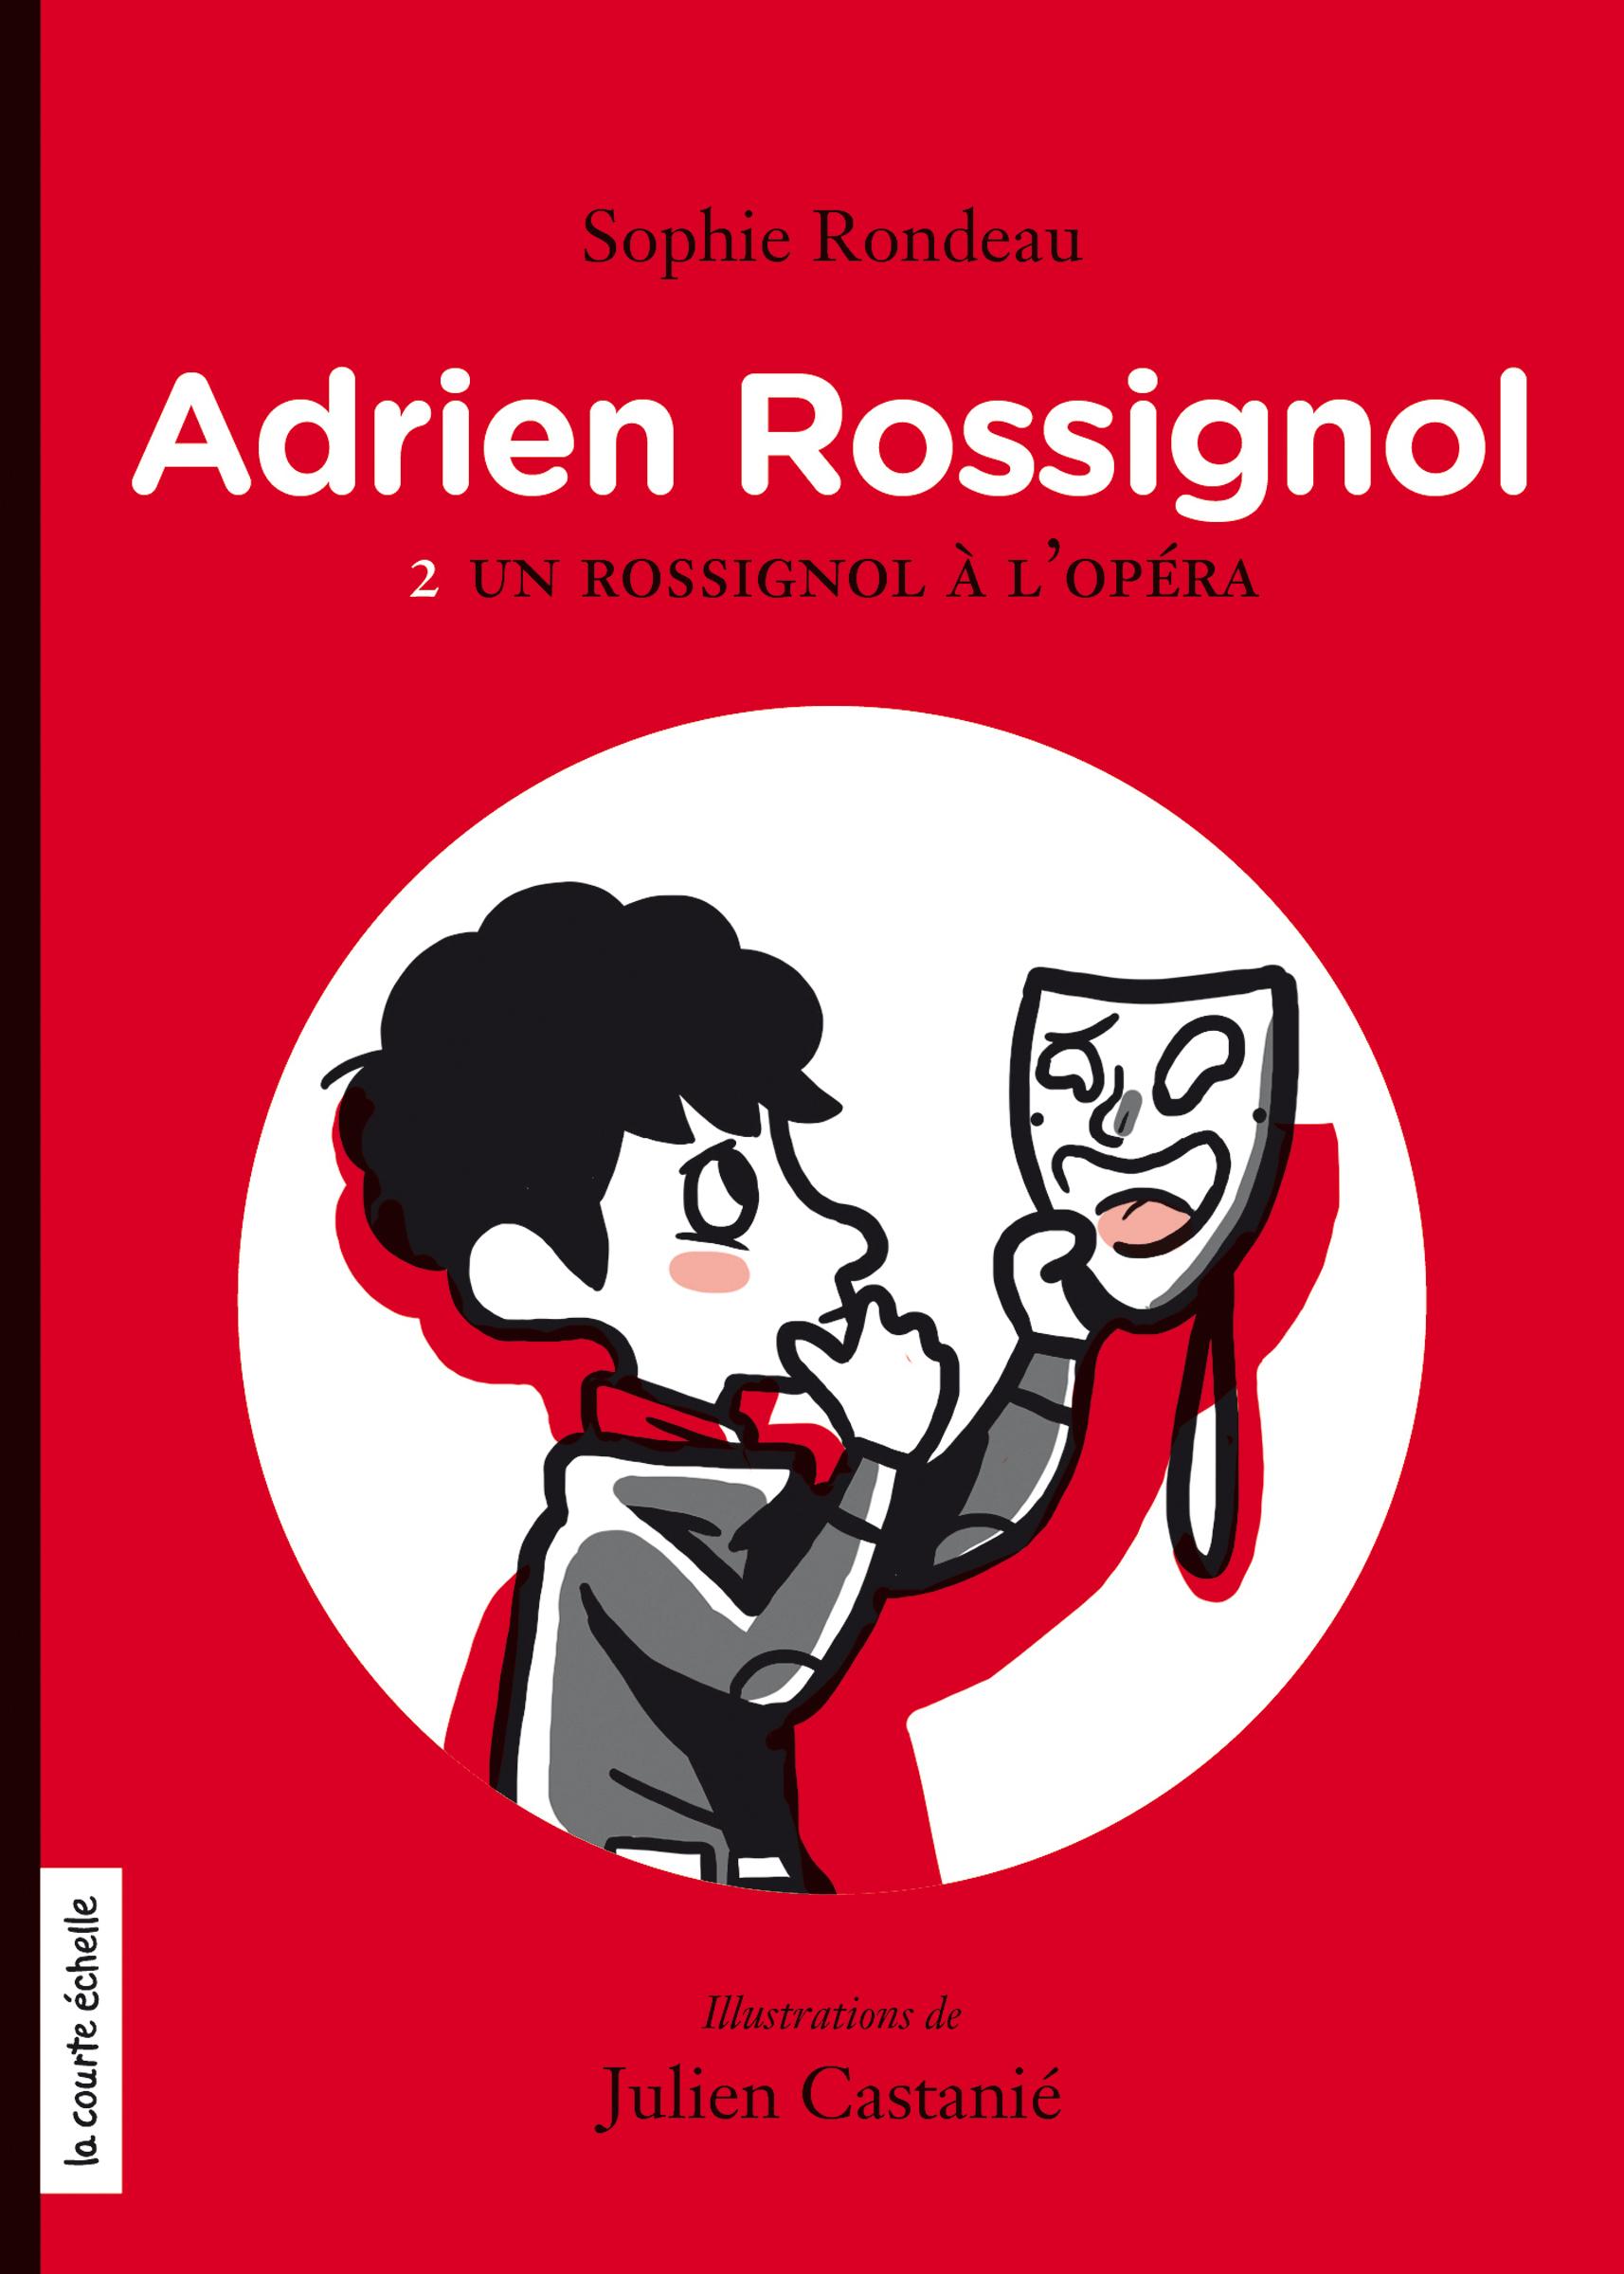 Un Rossignol a? l'ope?ra, Adrien Rossignol, tome 2